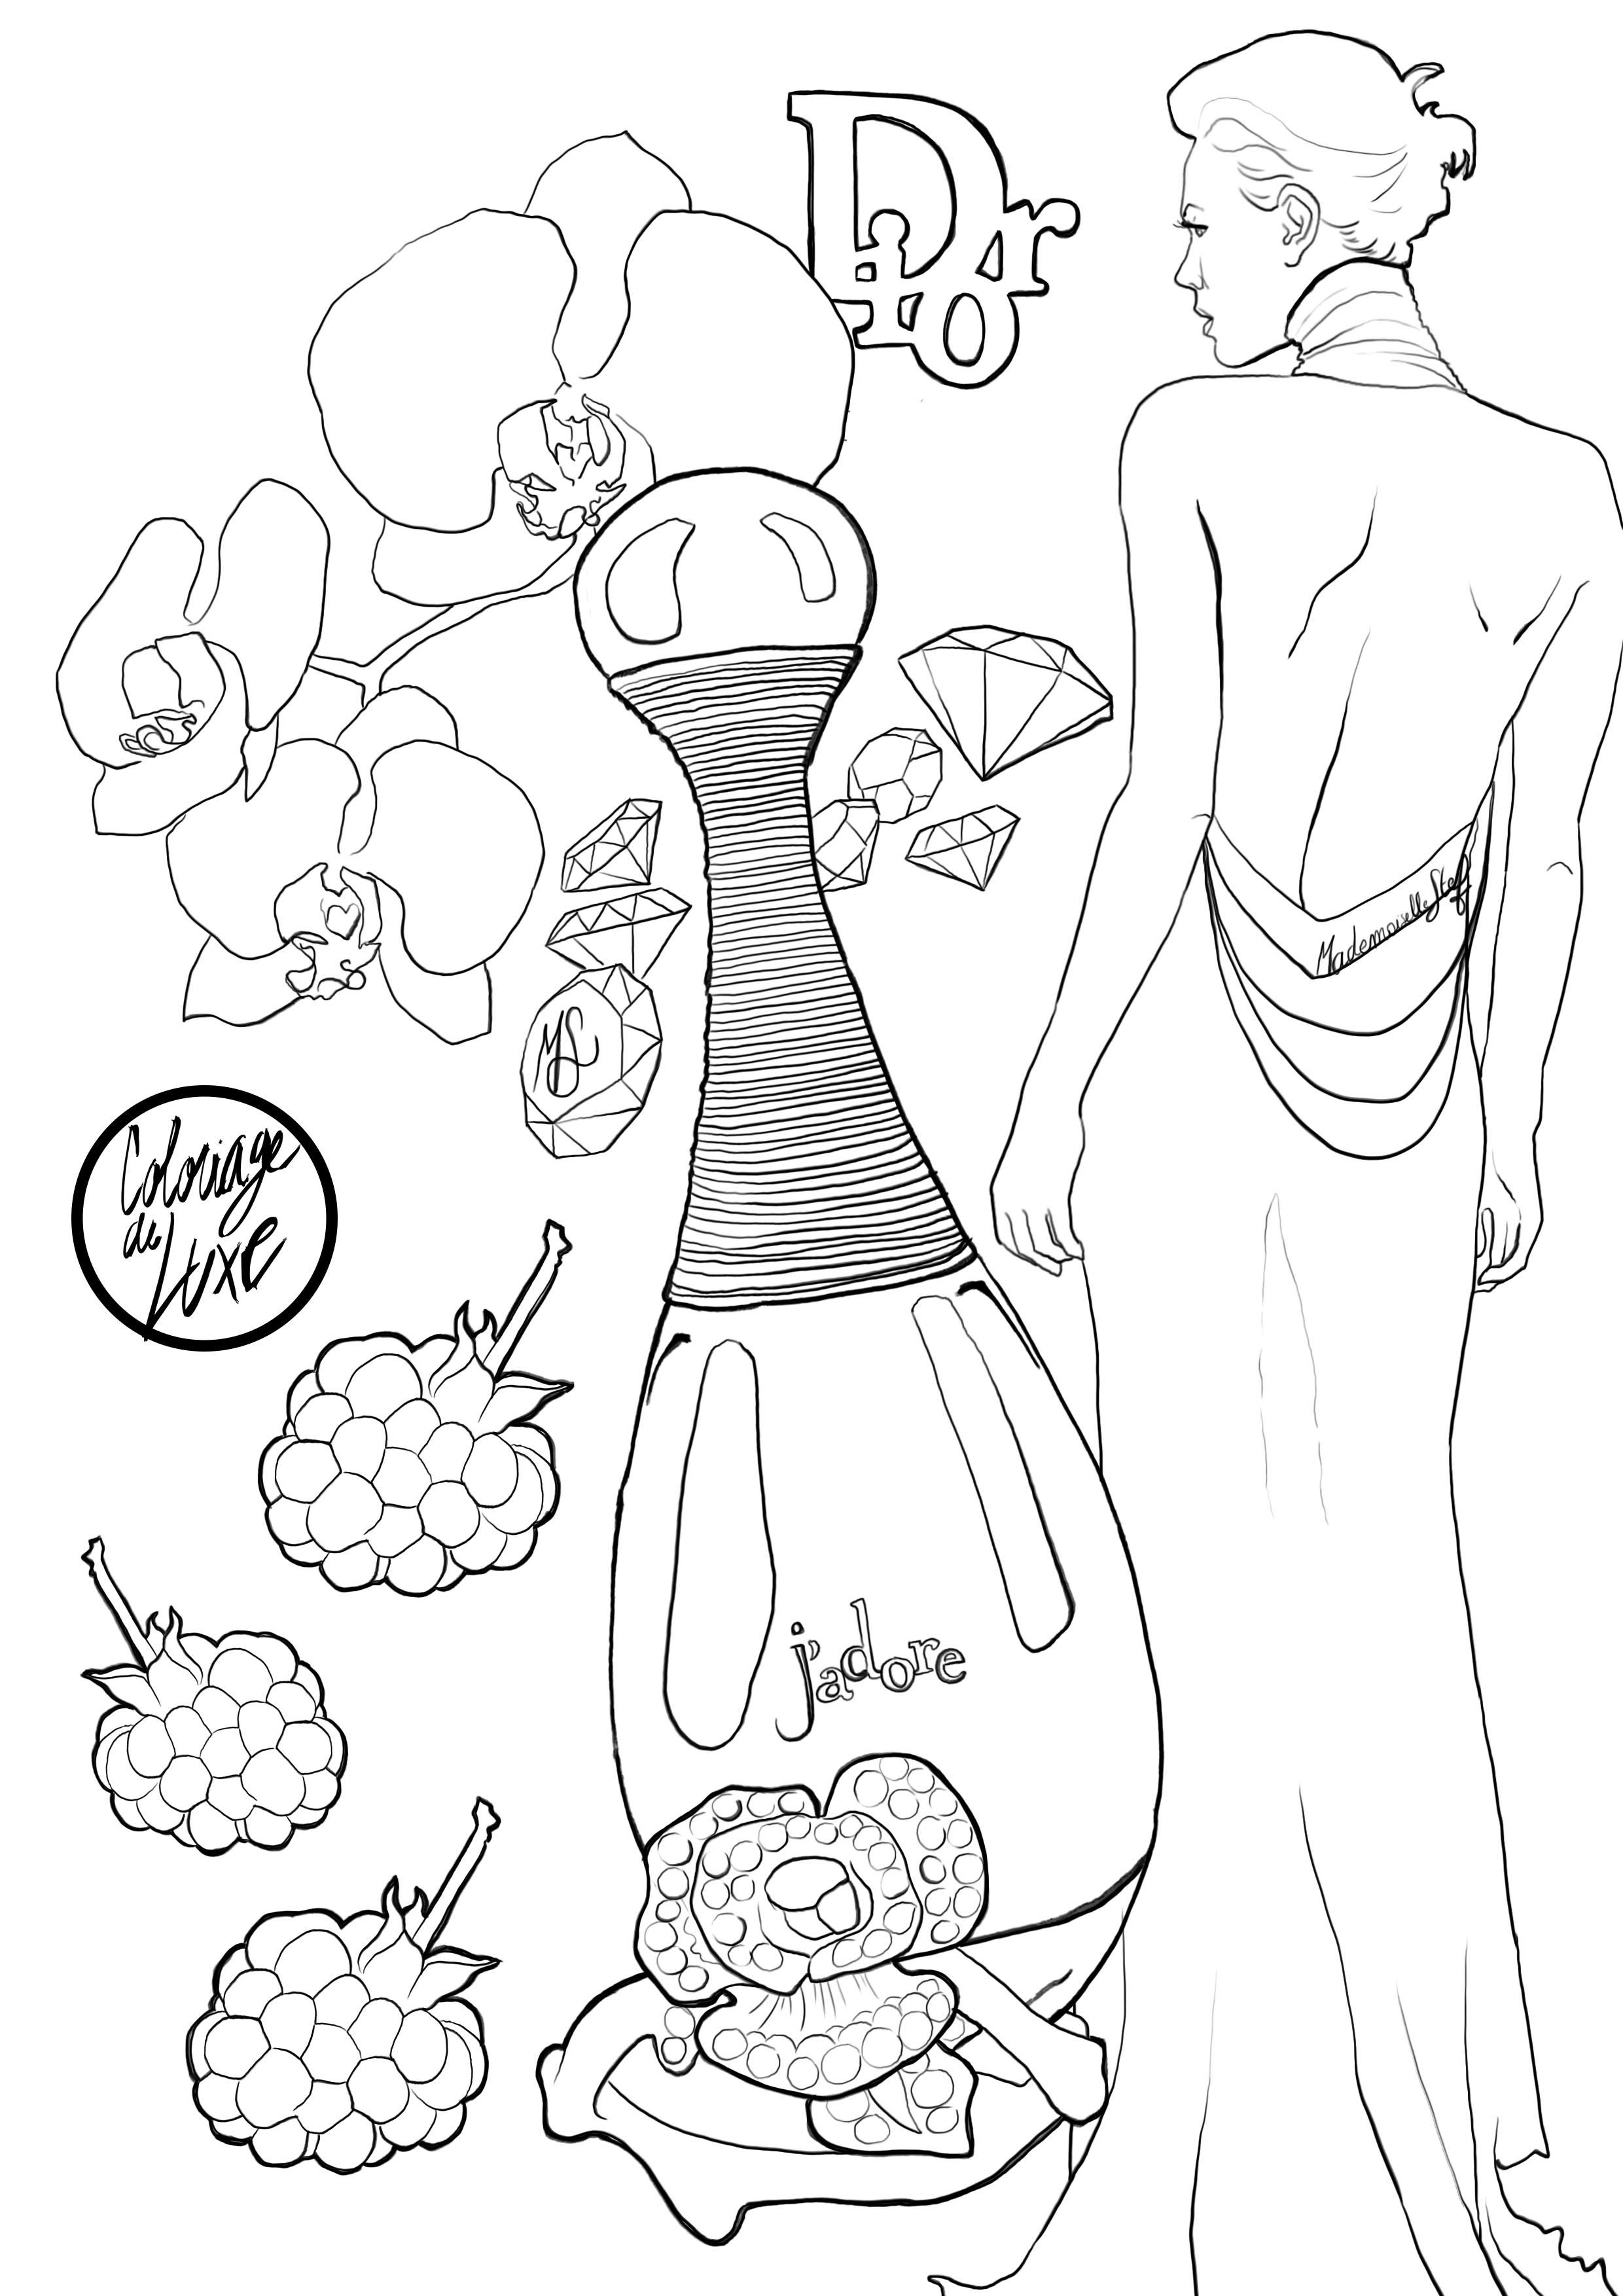 J'adore coloring #17, Download drawings